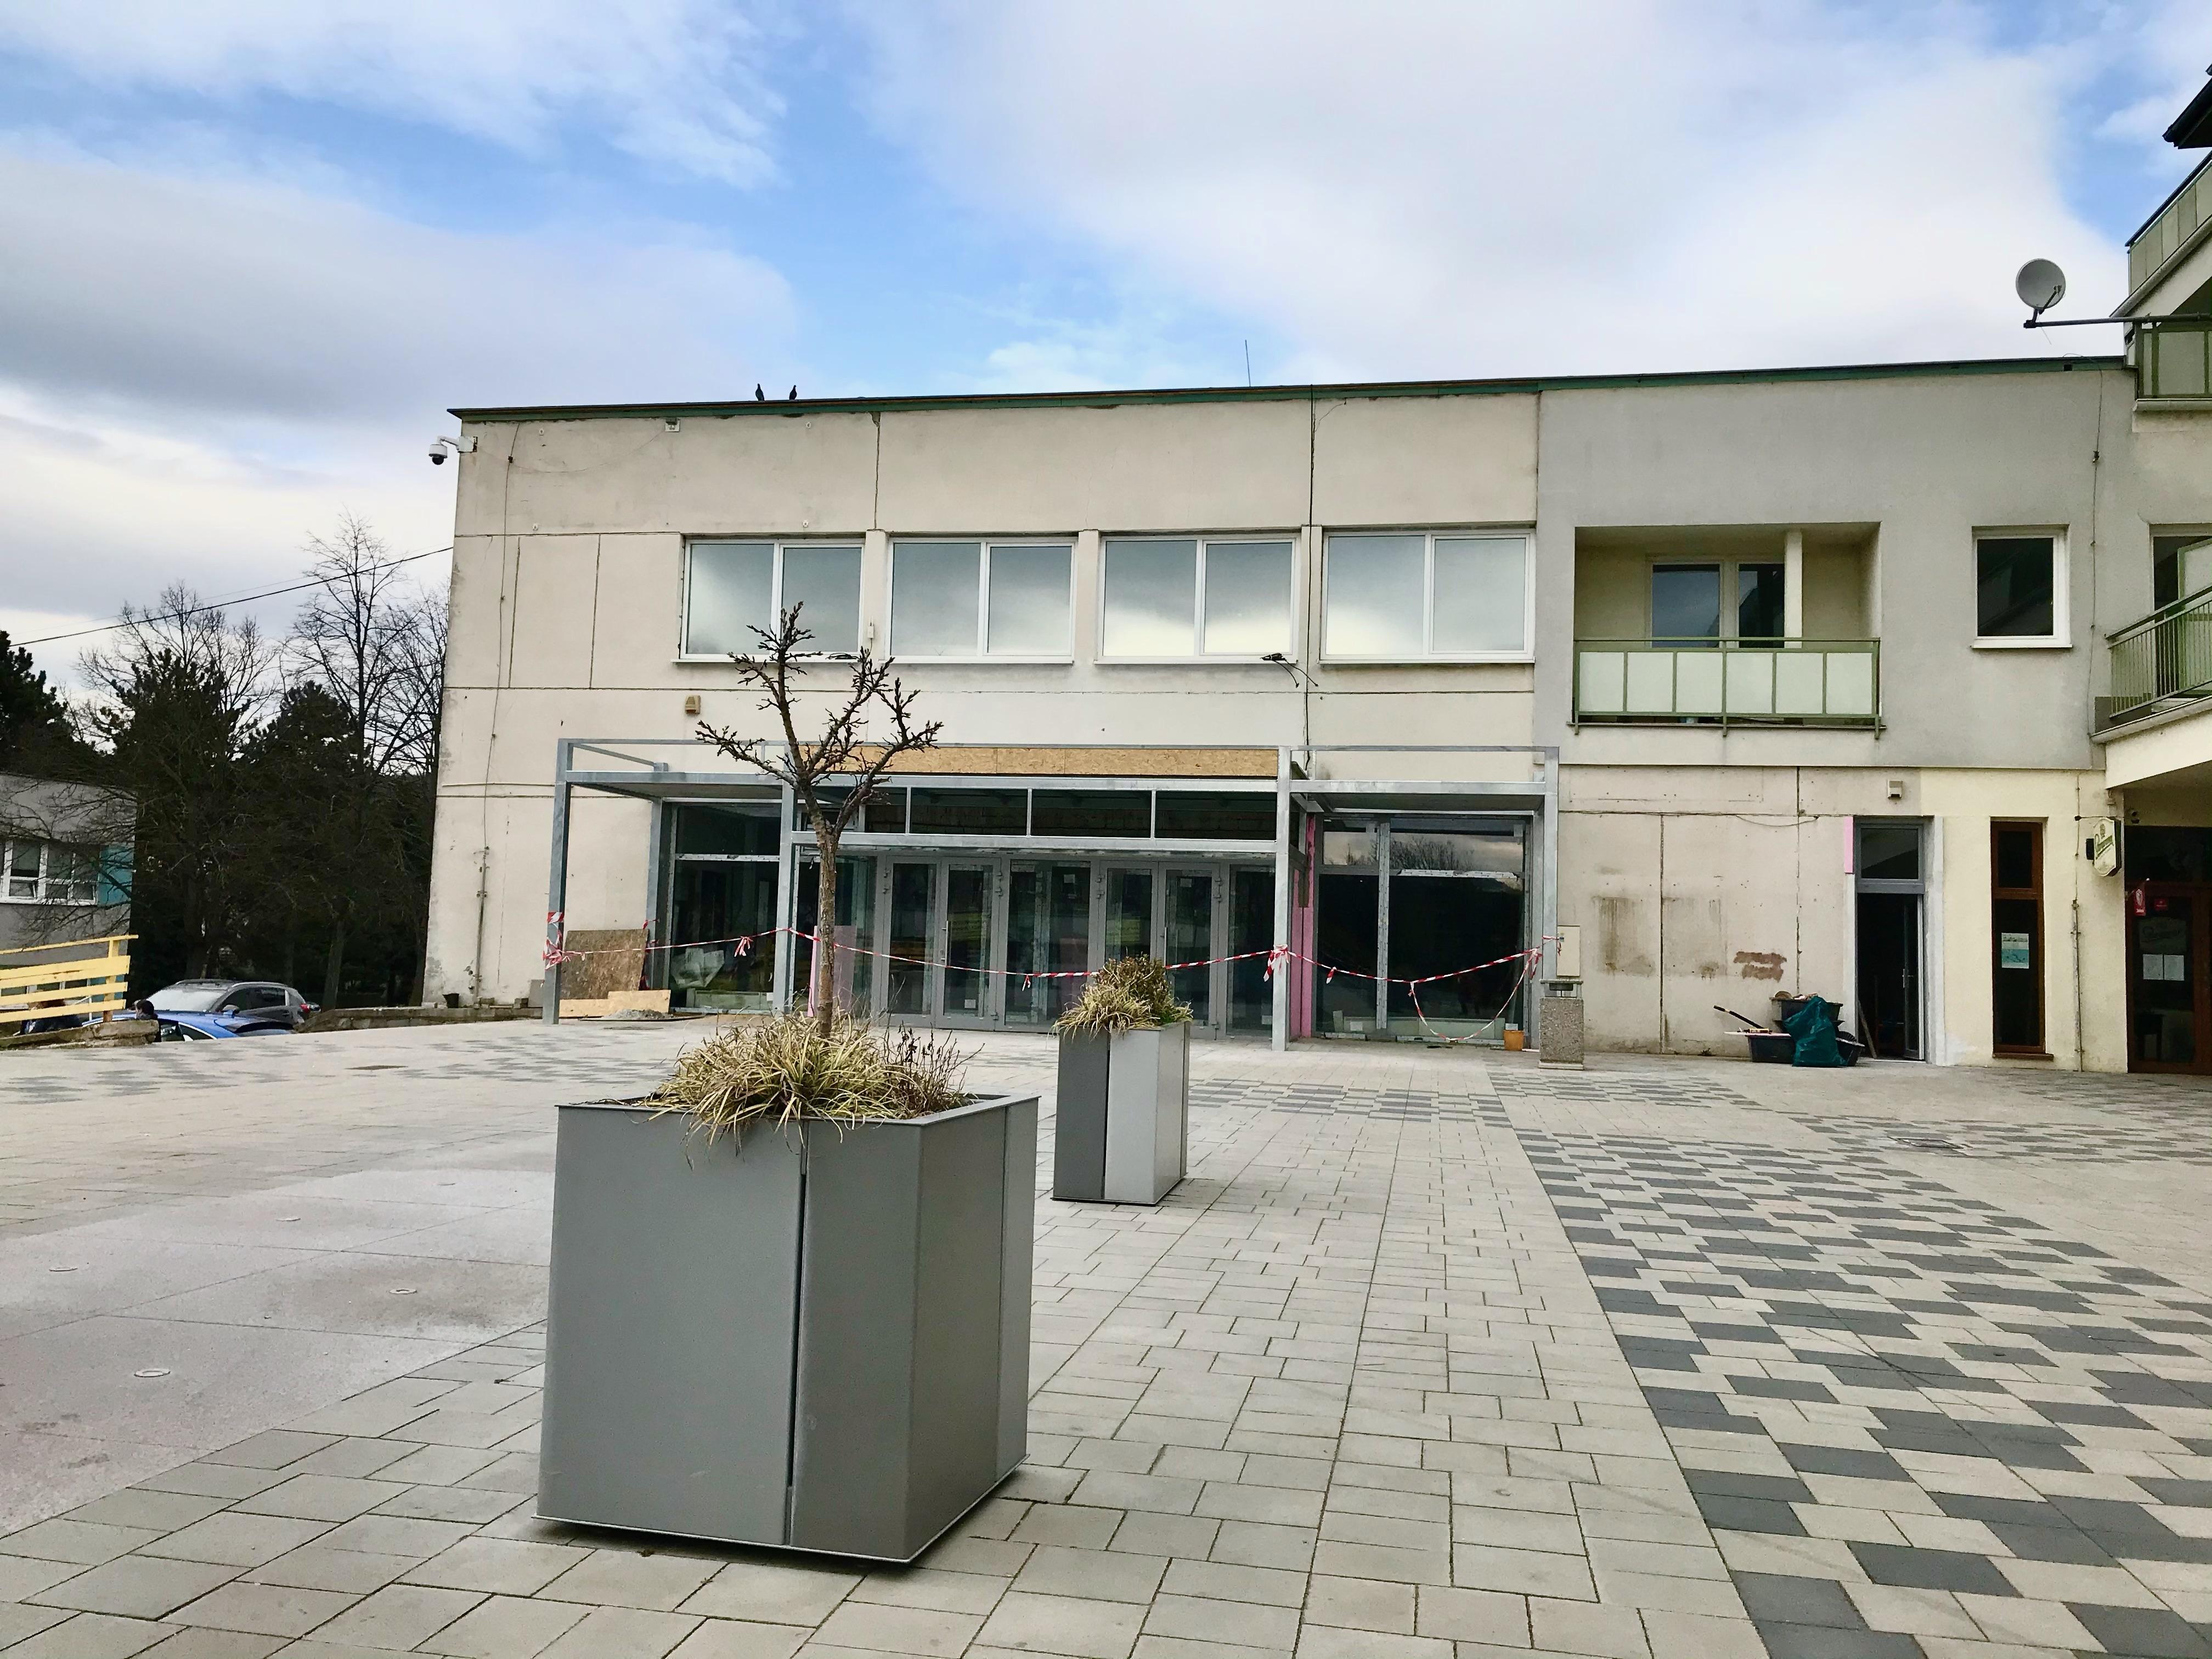 Rekonštrukcia centrálnej zóny – Malokarpatské námestie, 2. etapa, výmena a oprava fasádnych prvkov priestoru kina